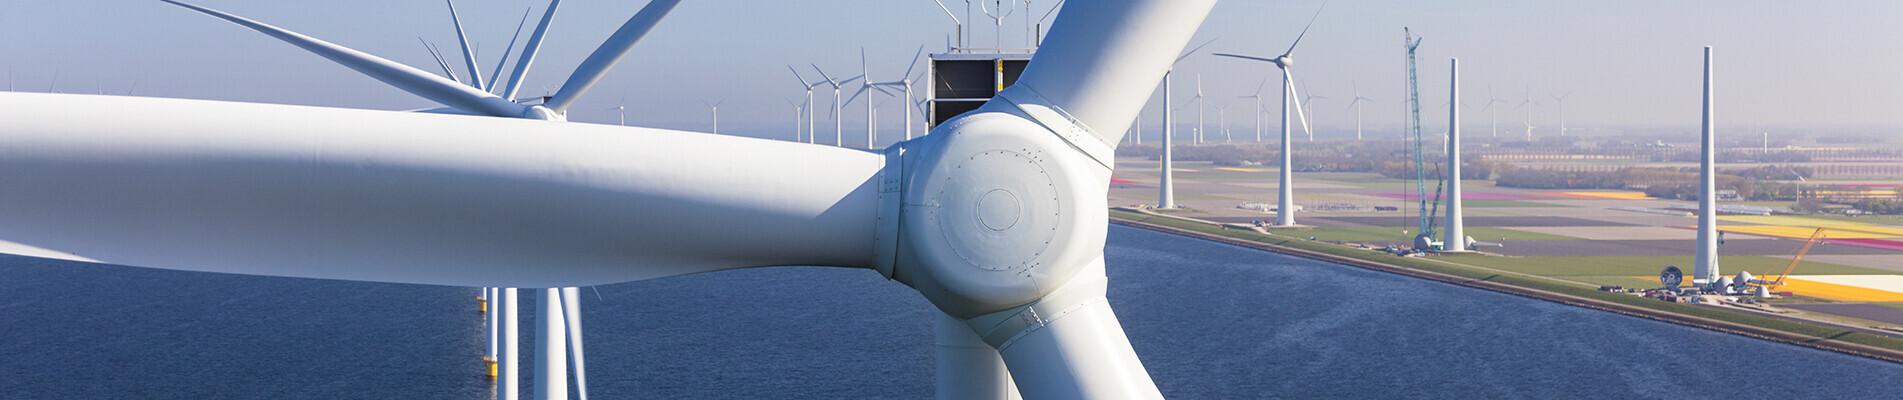 Windmolen-Energie_300590563